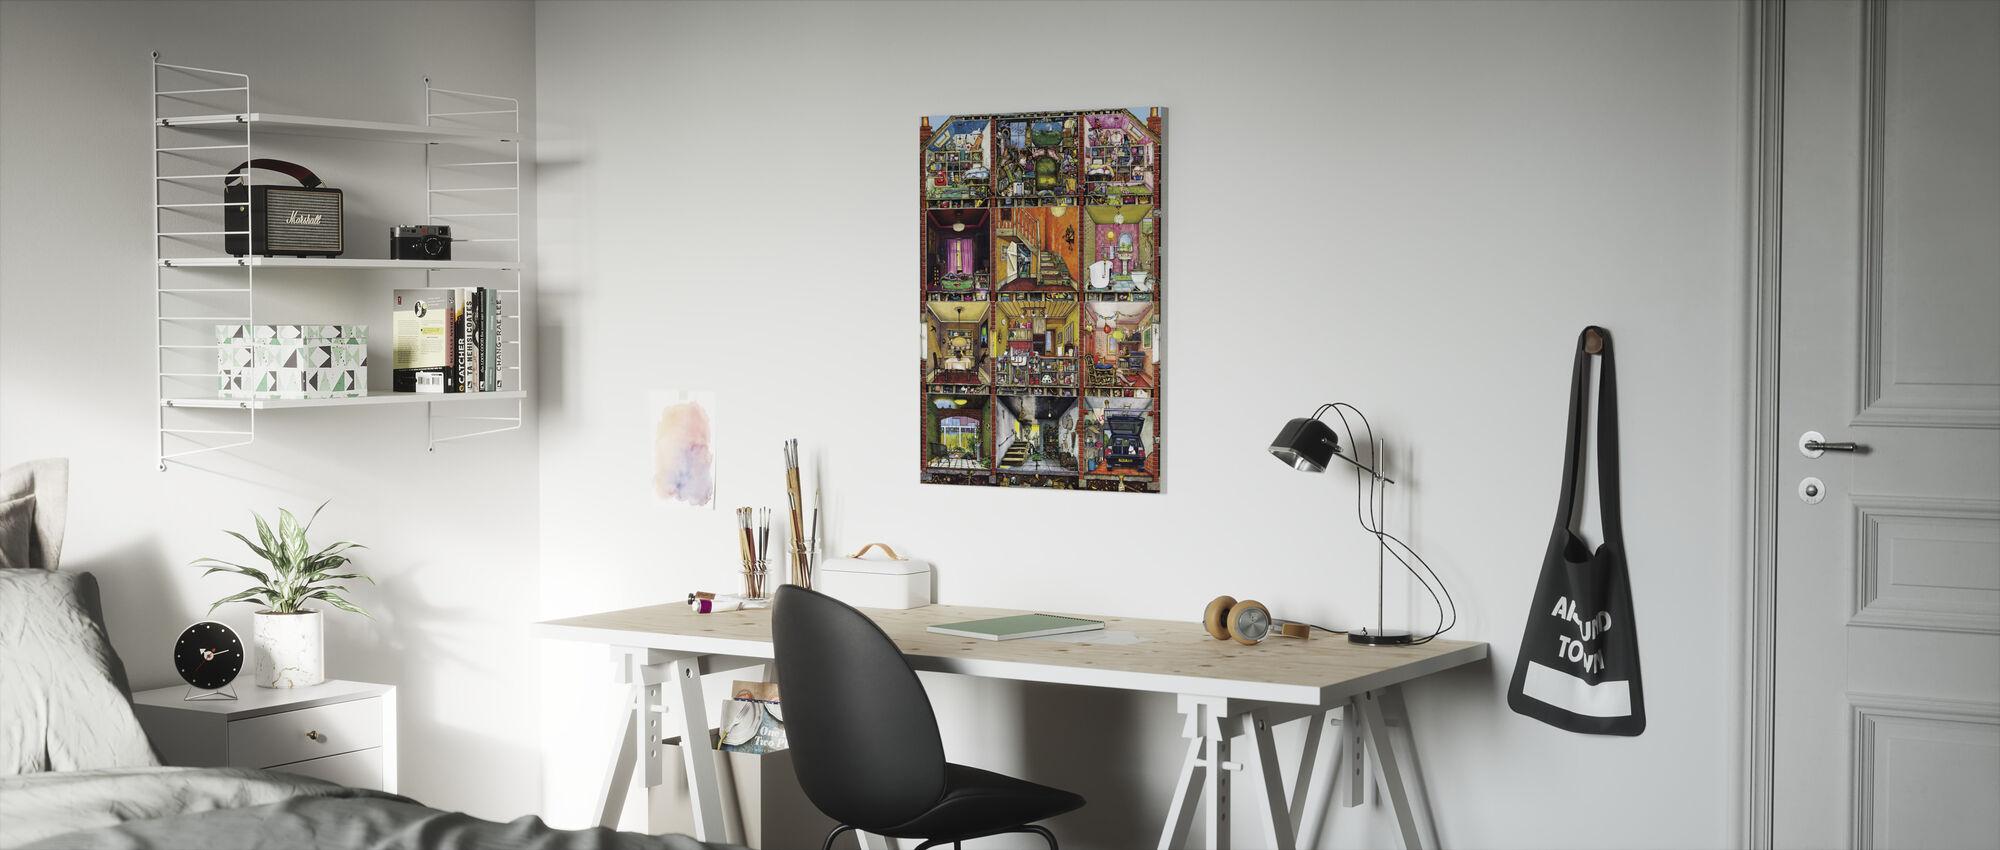 Ons huis - Canvas print - Kinderkamer